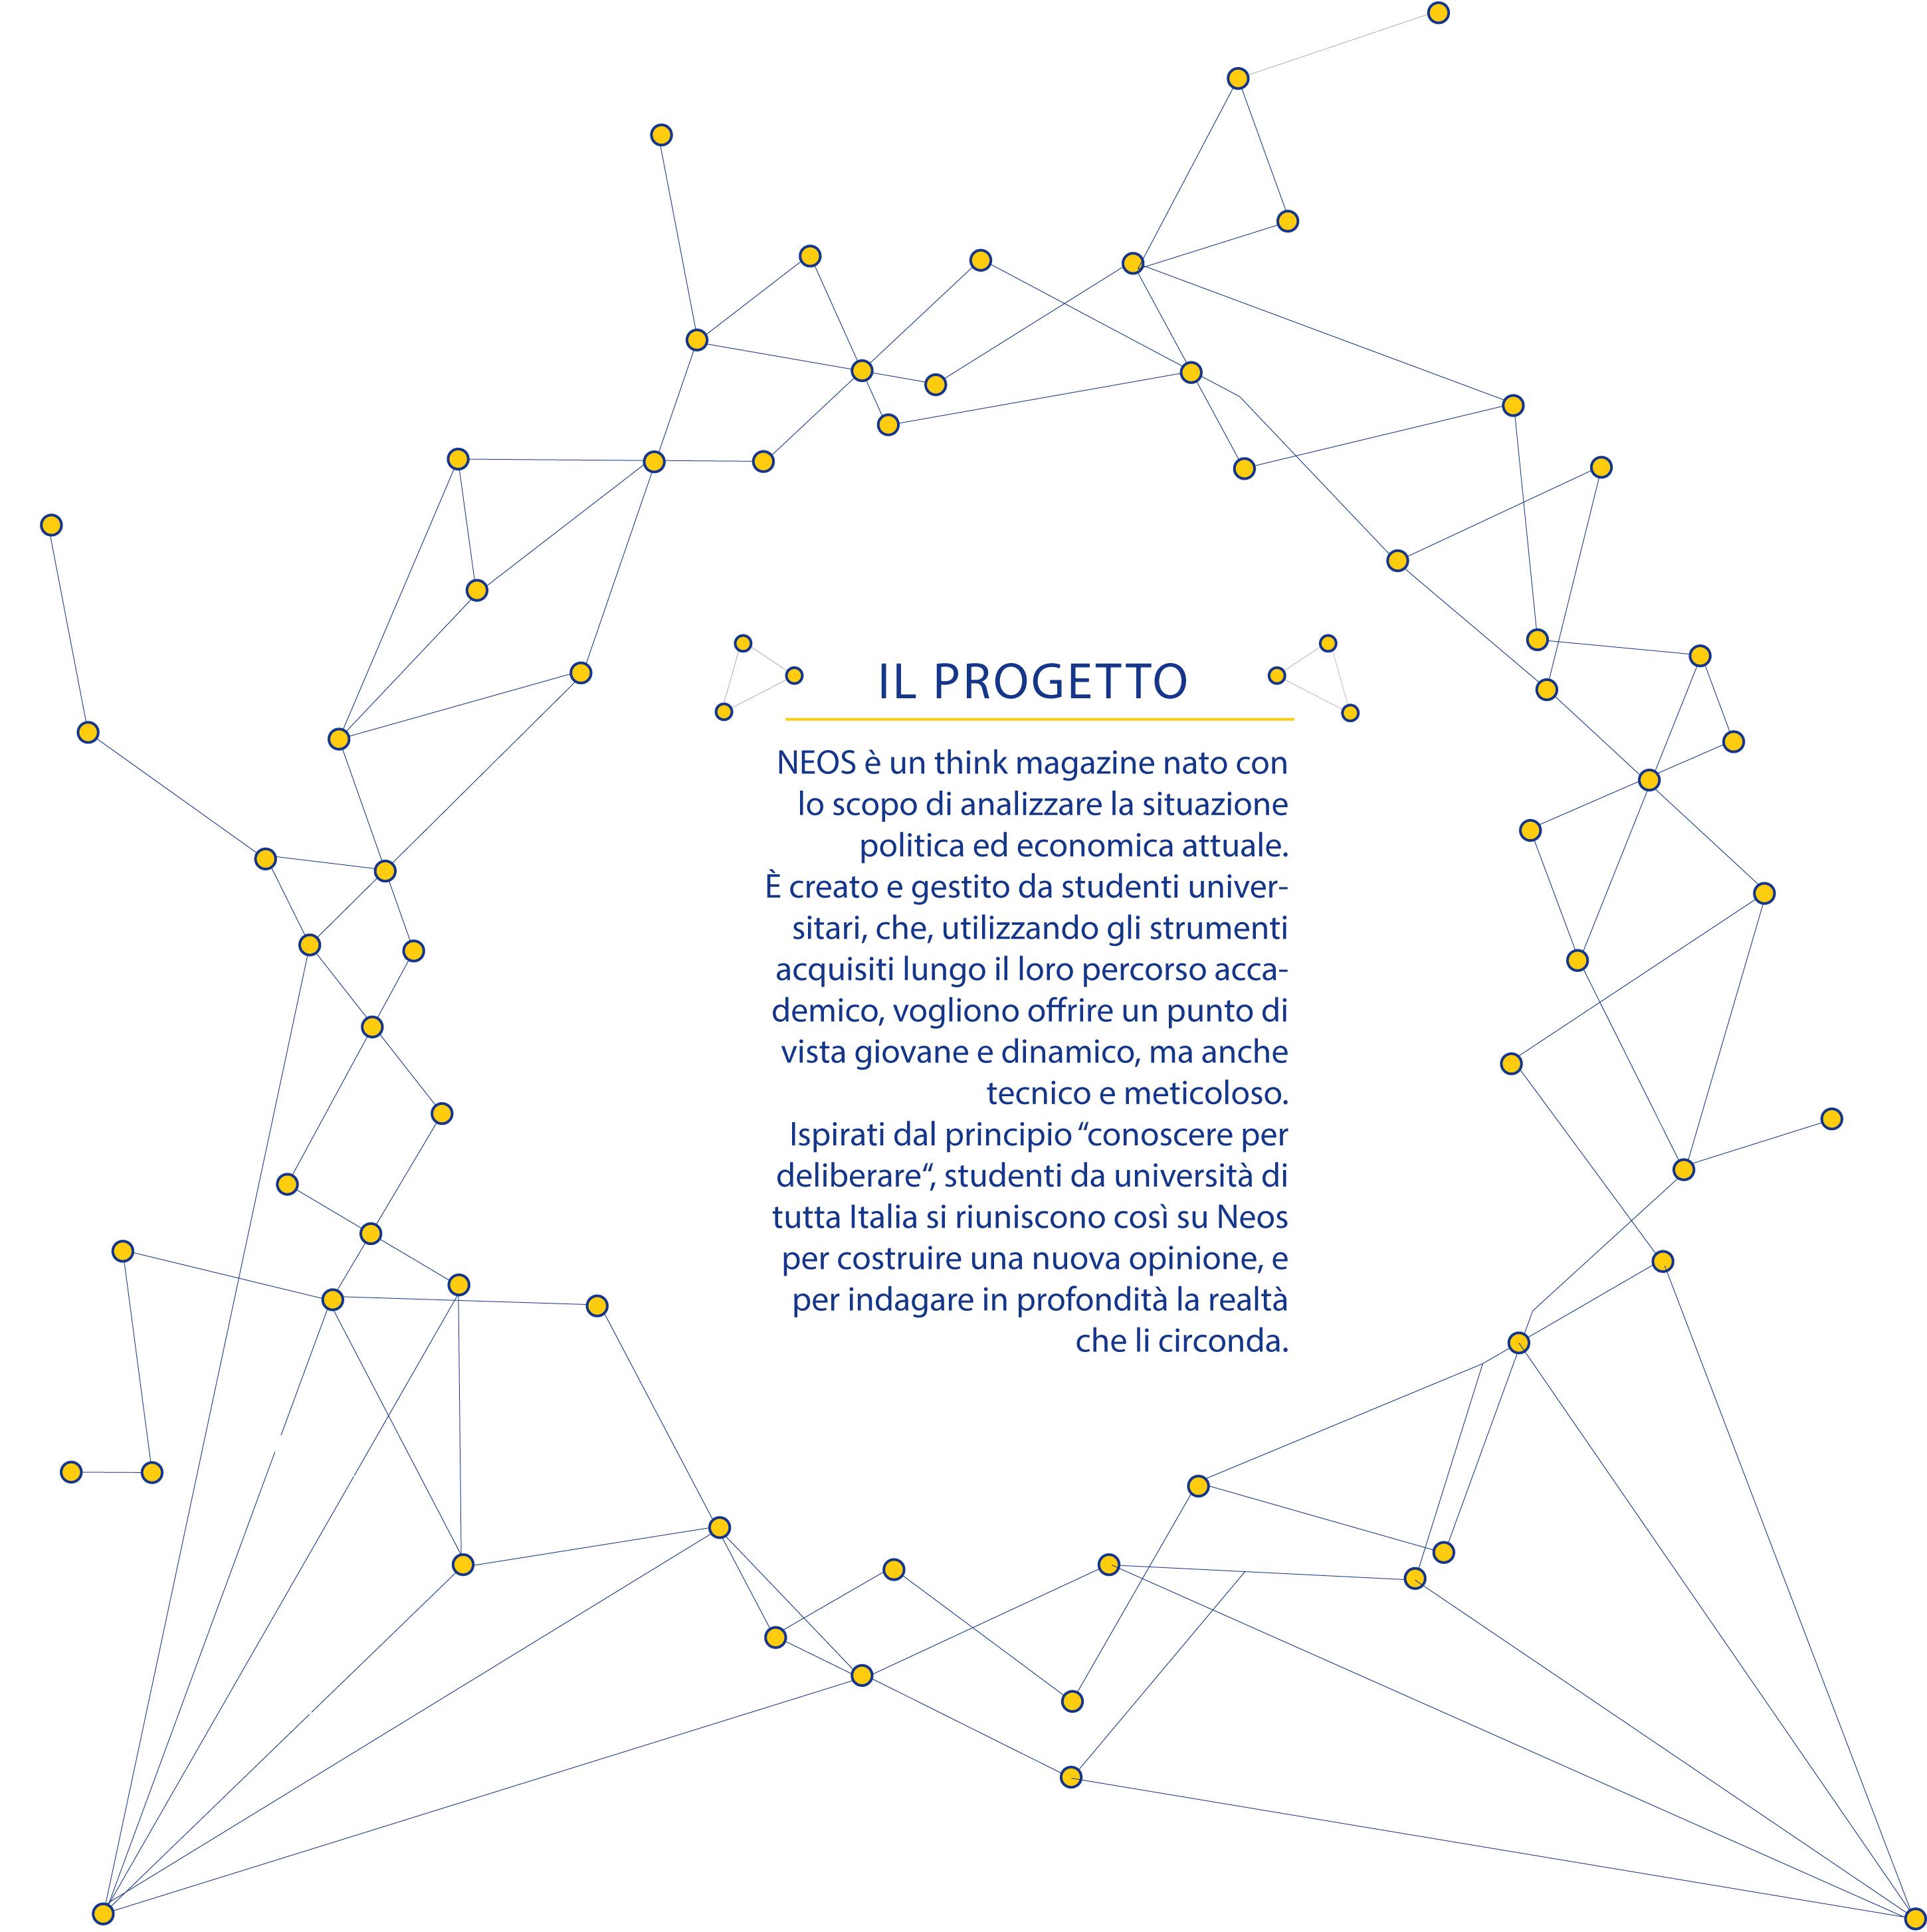 il-progetto-2900x2900